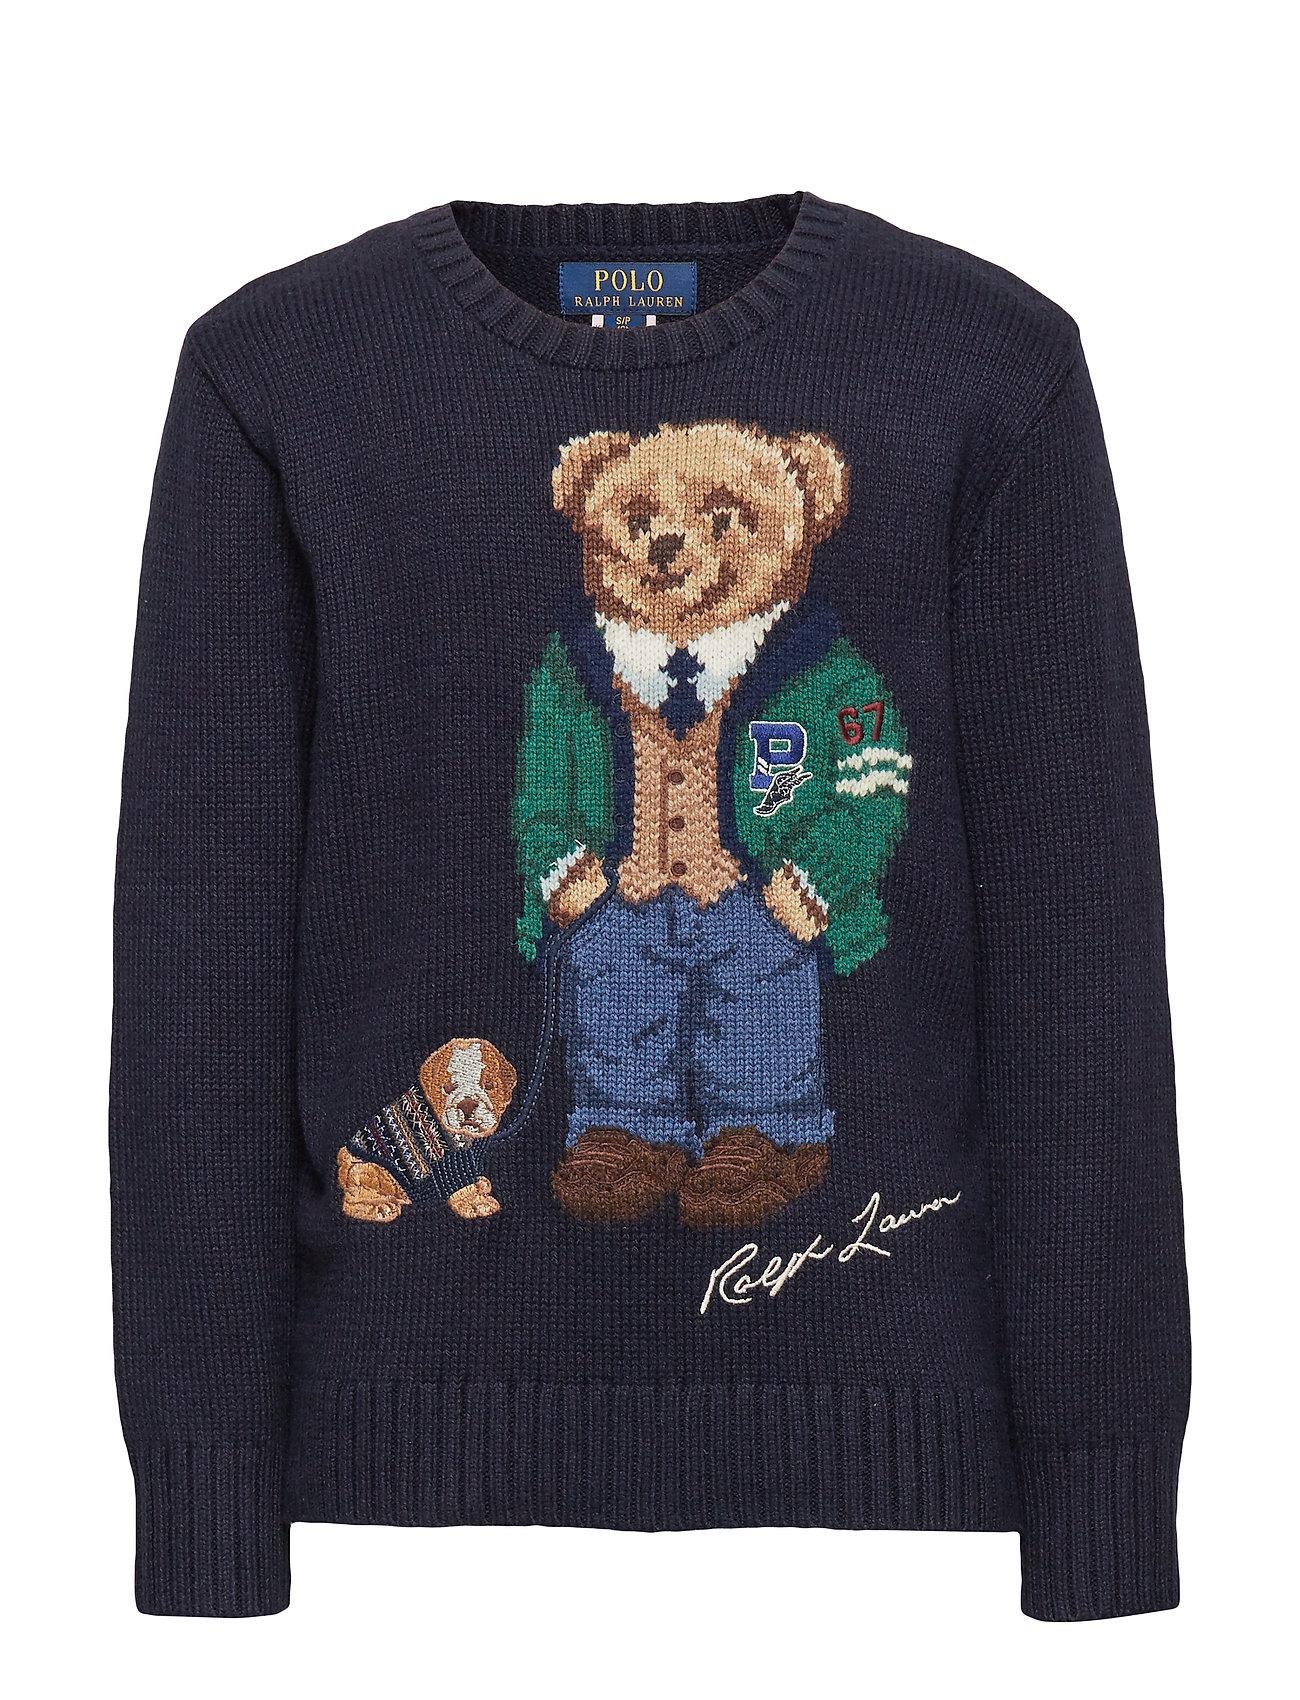 Ralph Lauren Kids Polo Bear Cotton-Wool Sweater - RL NAVY